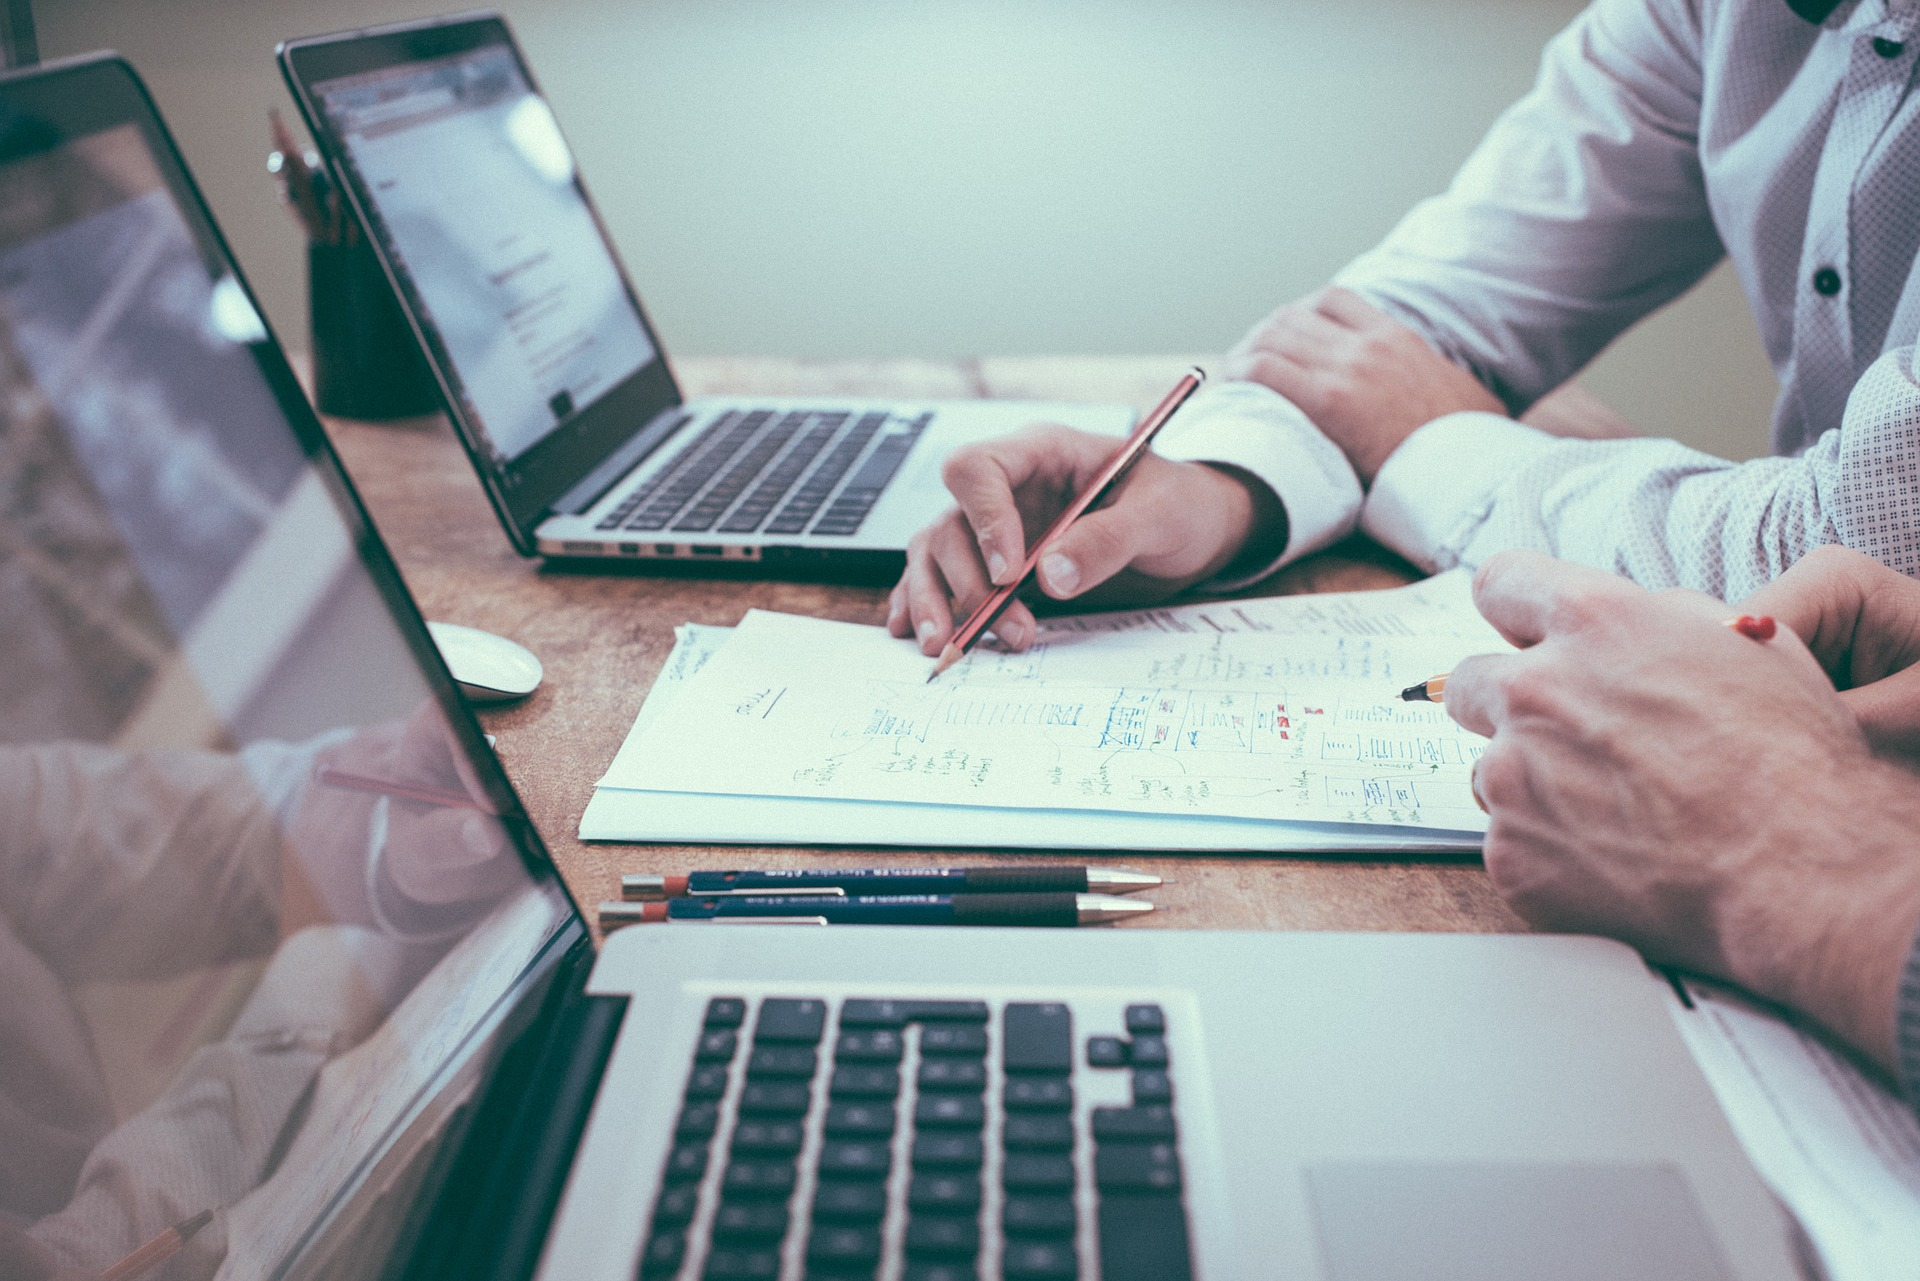 Aprenda a como administrar diferentes personas para o seu negócio